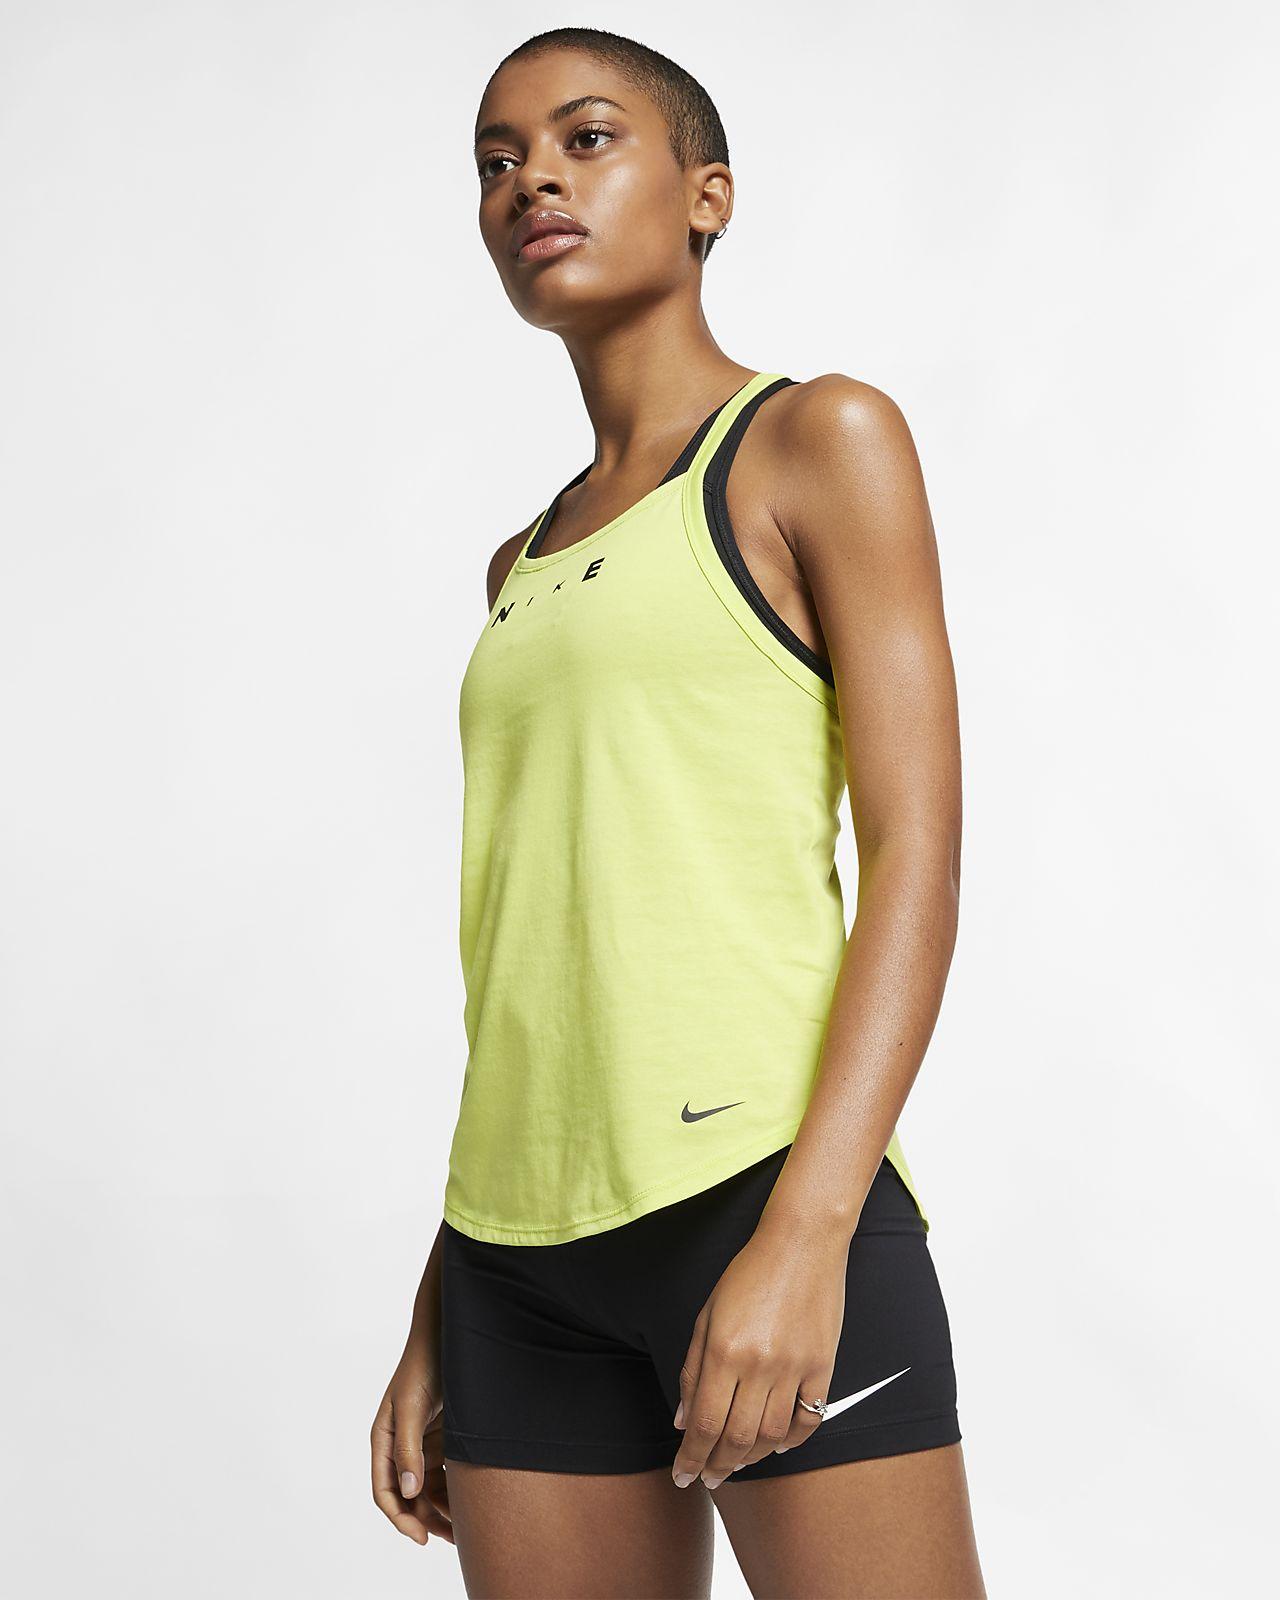 Canotta da training Nike - Donna